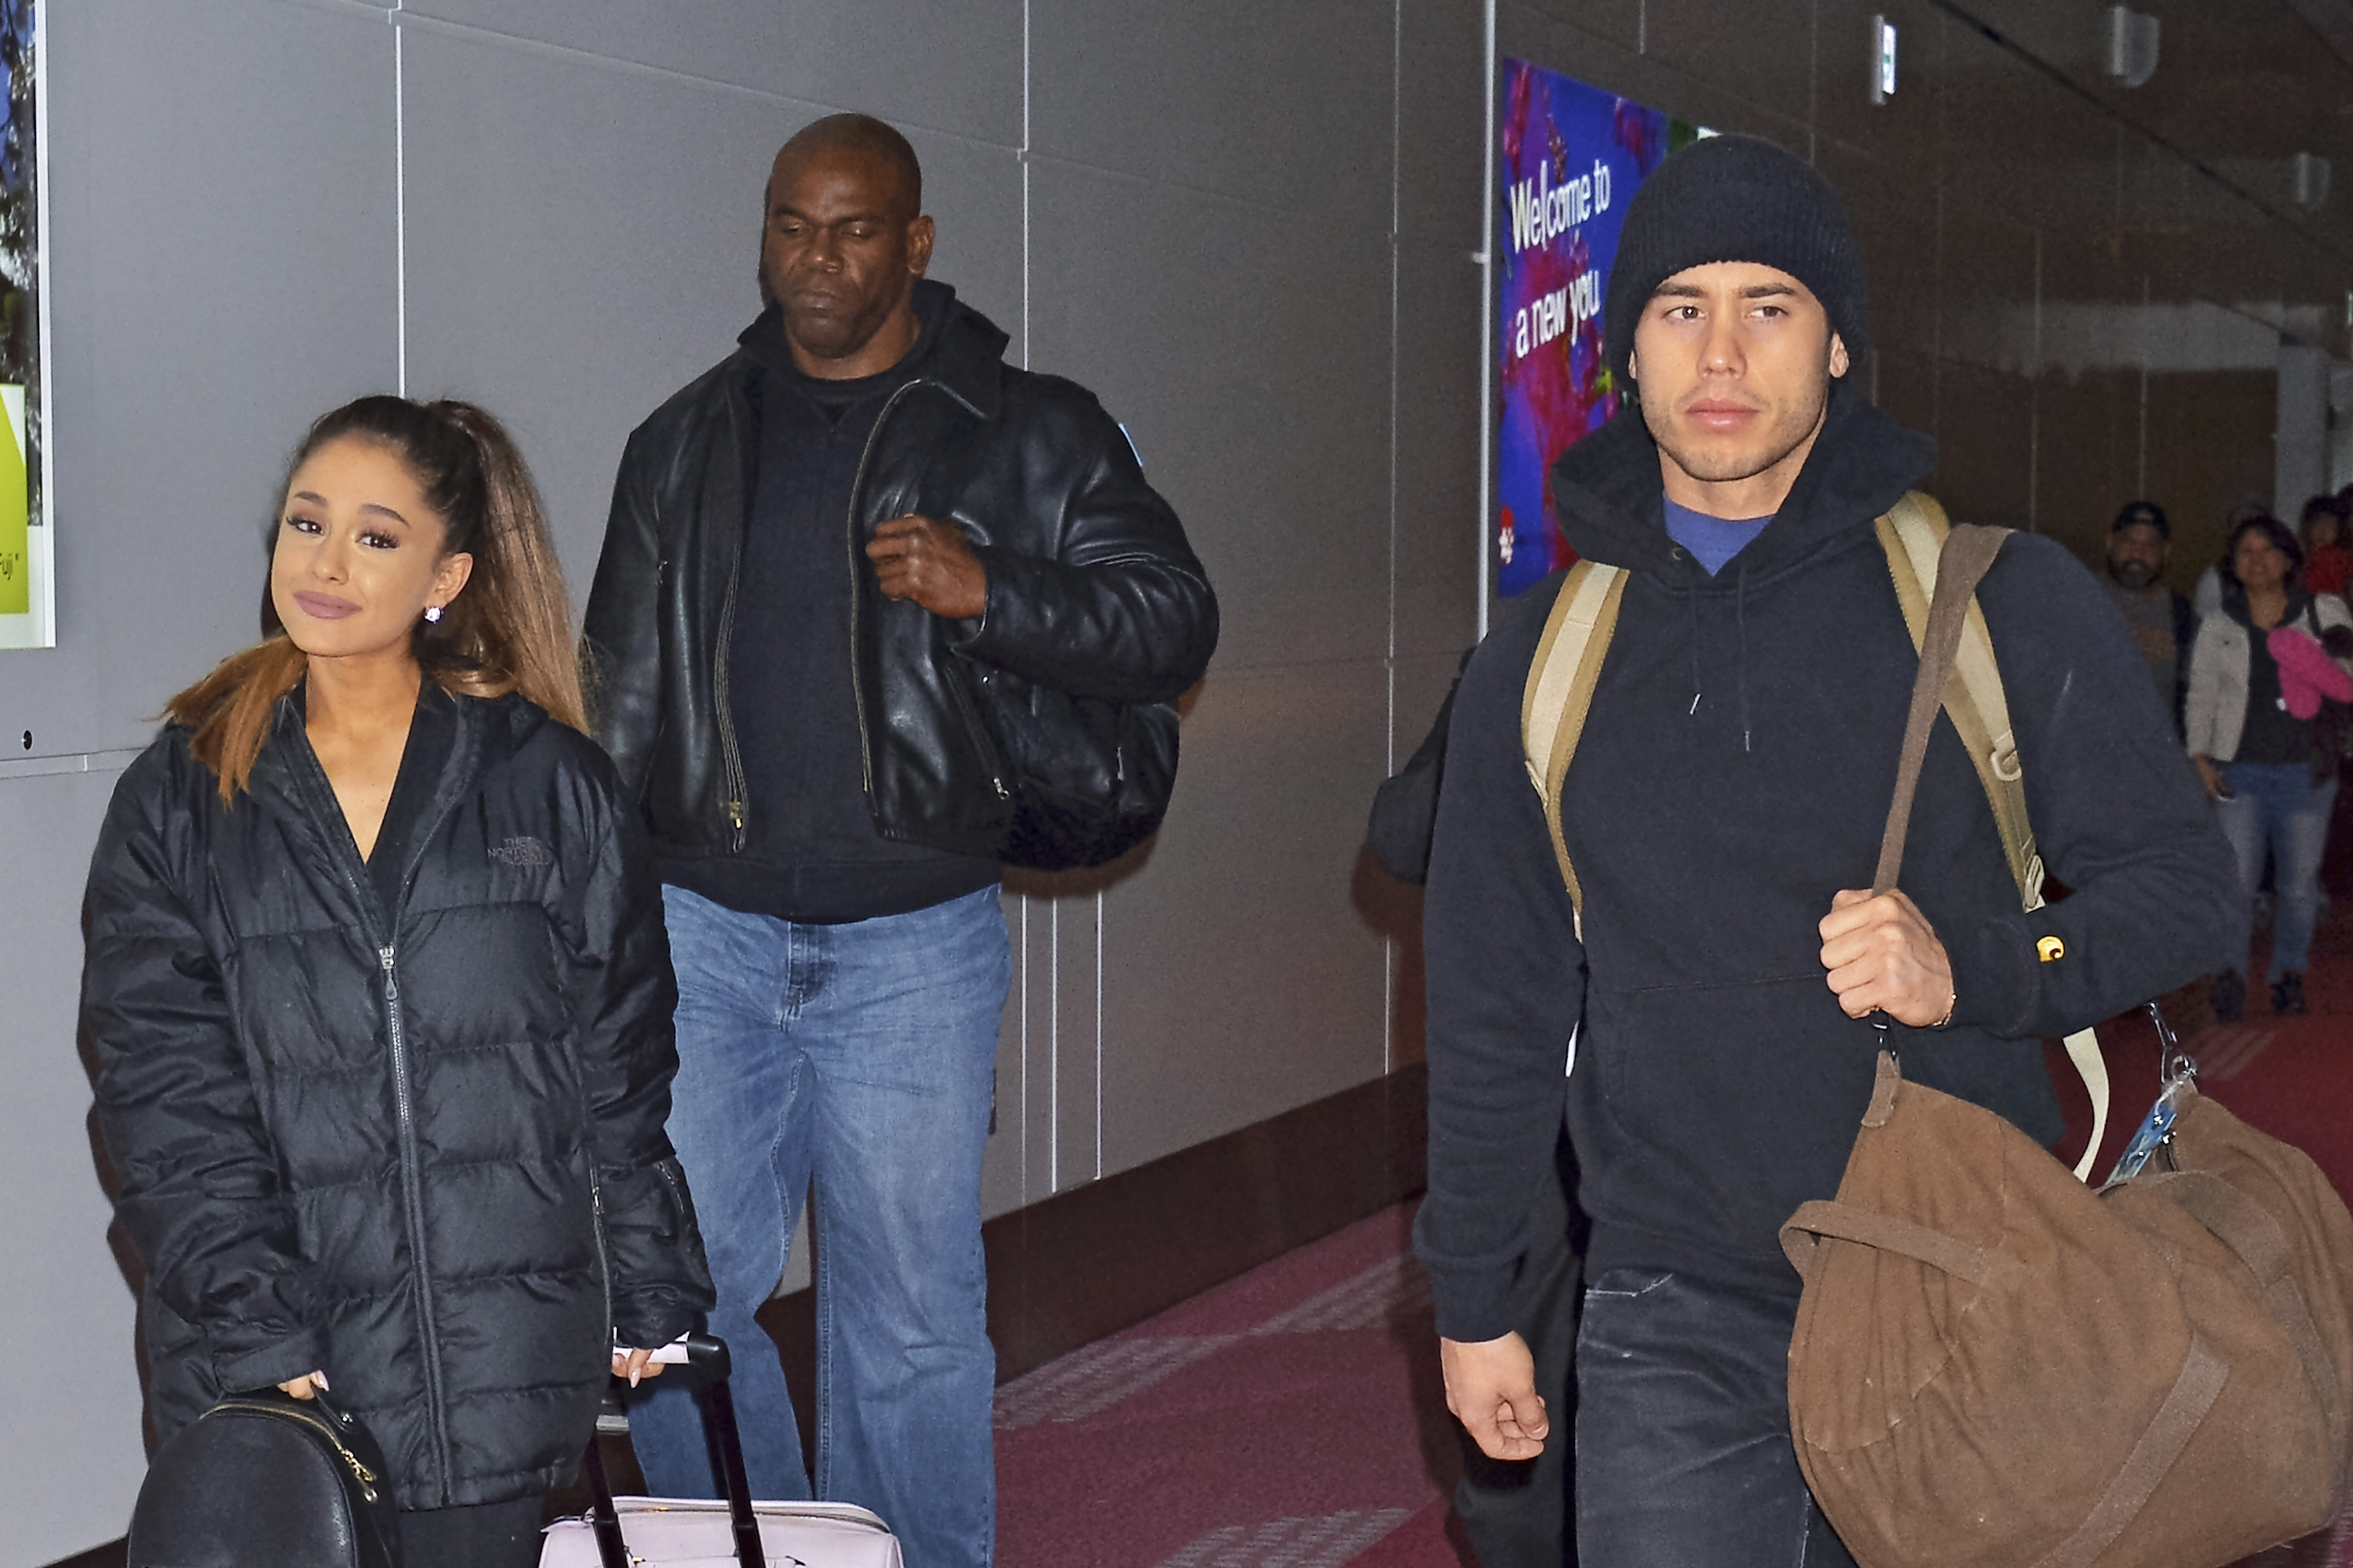 Ariana Grande with boyfriend Ricky Alvarez